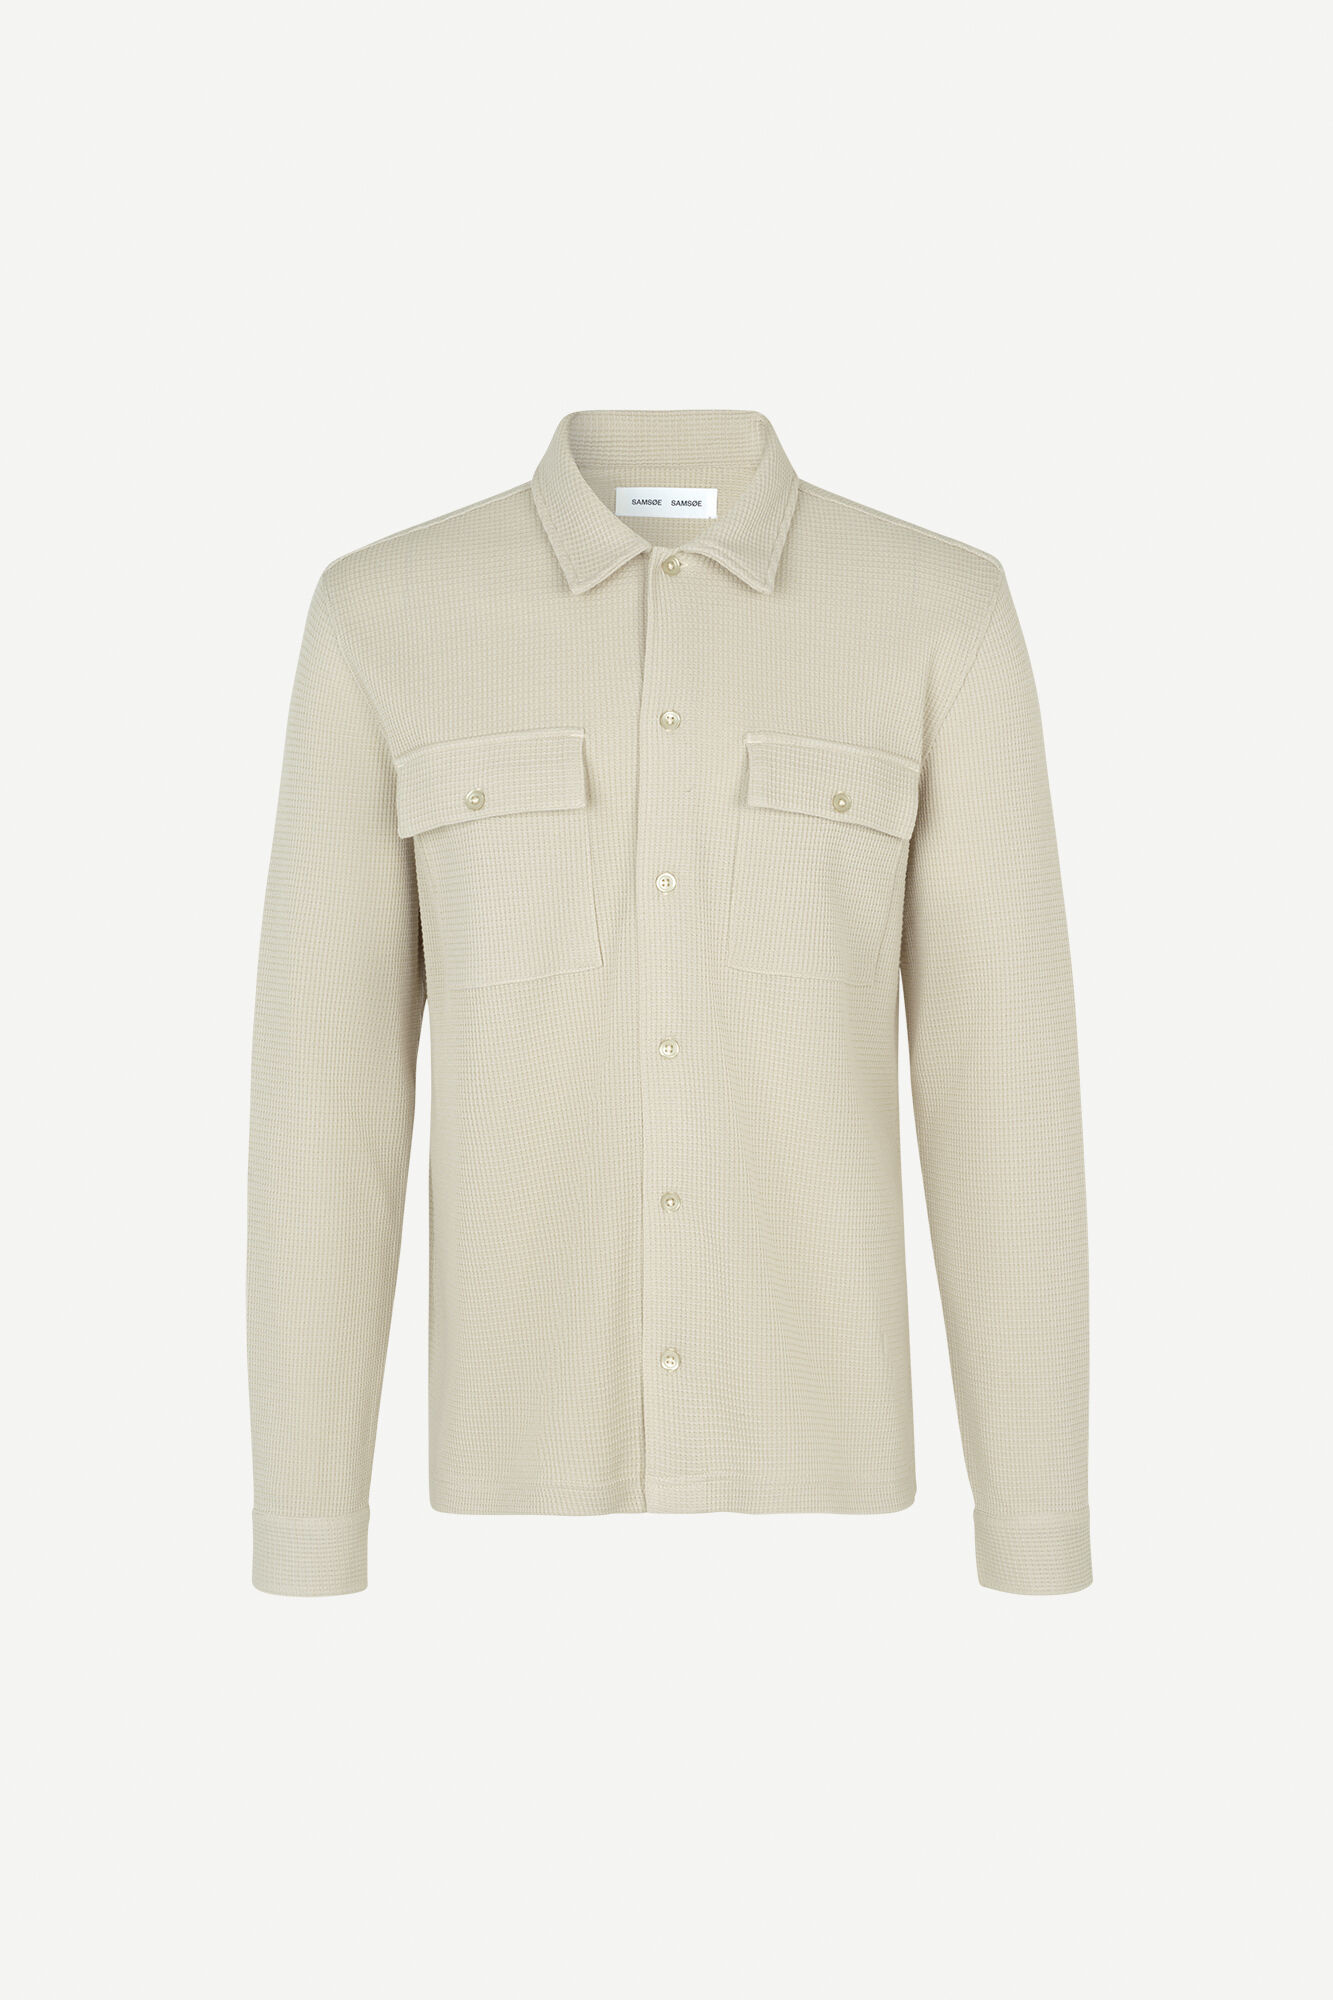 Dayo Woven Shirt Overcast 11586-1